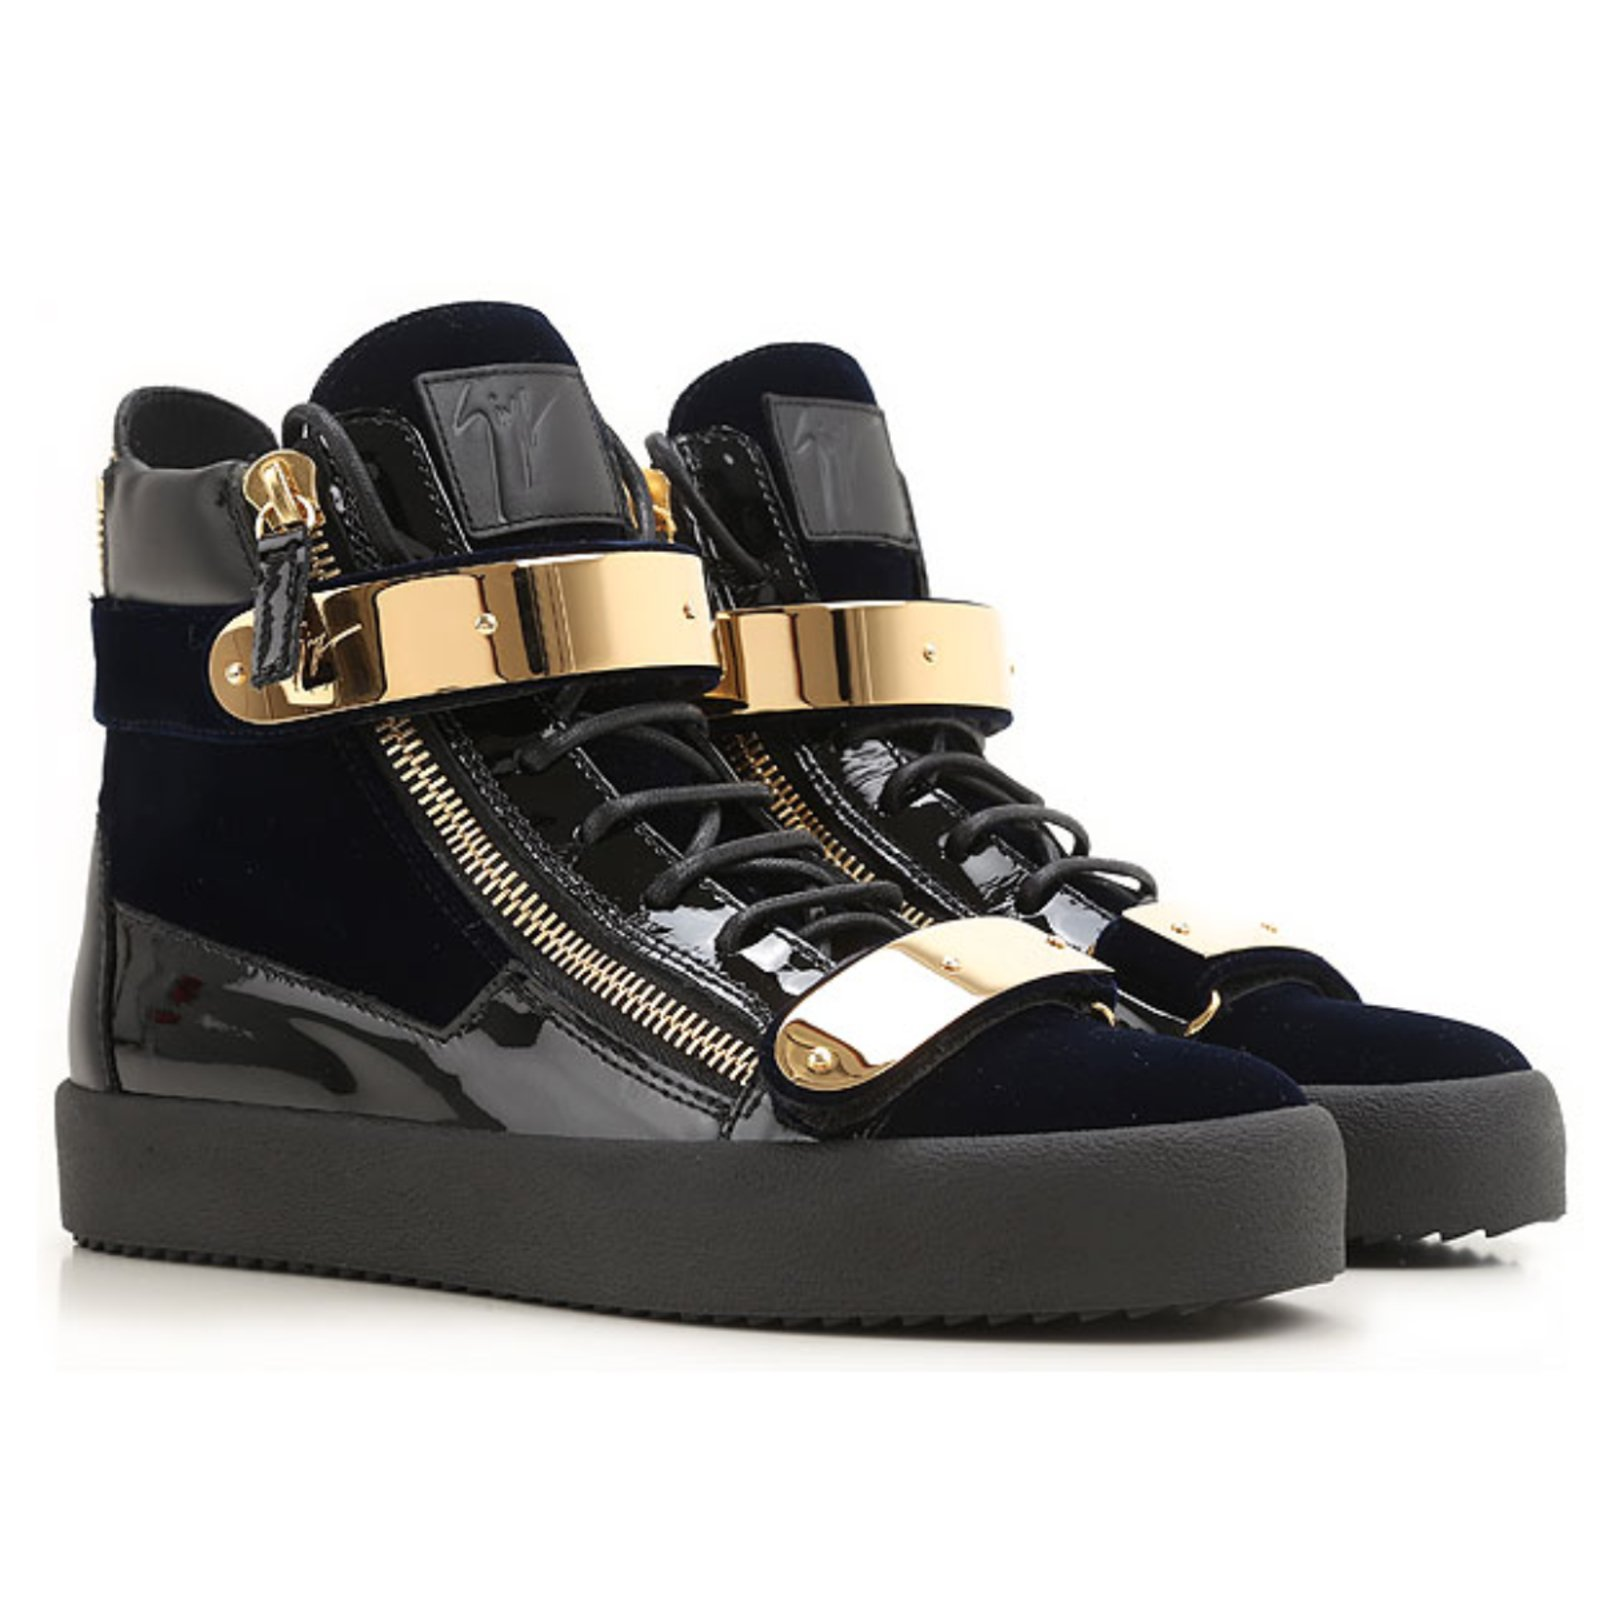 d47fd2605792 Giuseppe Zanotti Sneakers Sneakers Velvet Navy blue ref.39184 - Joli ...